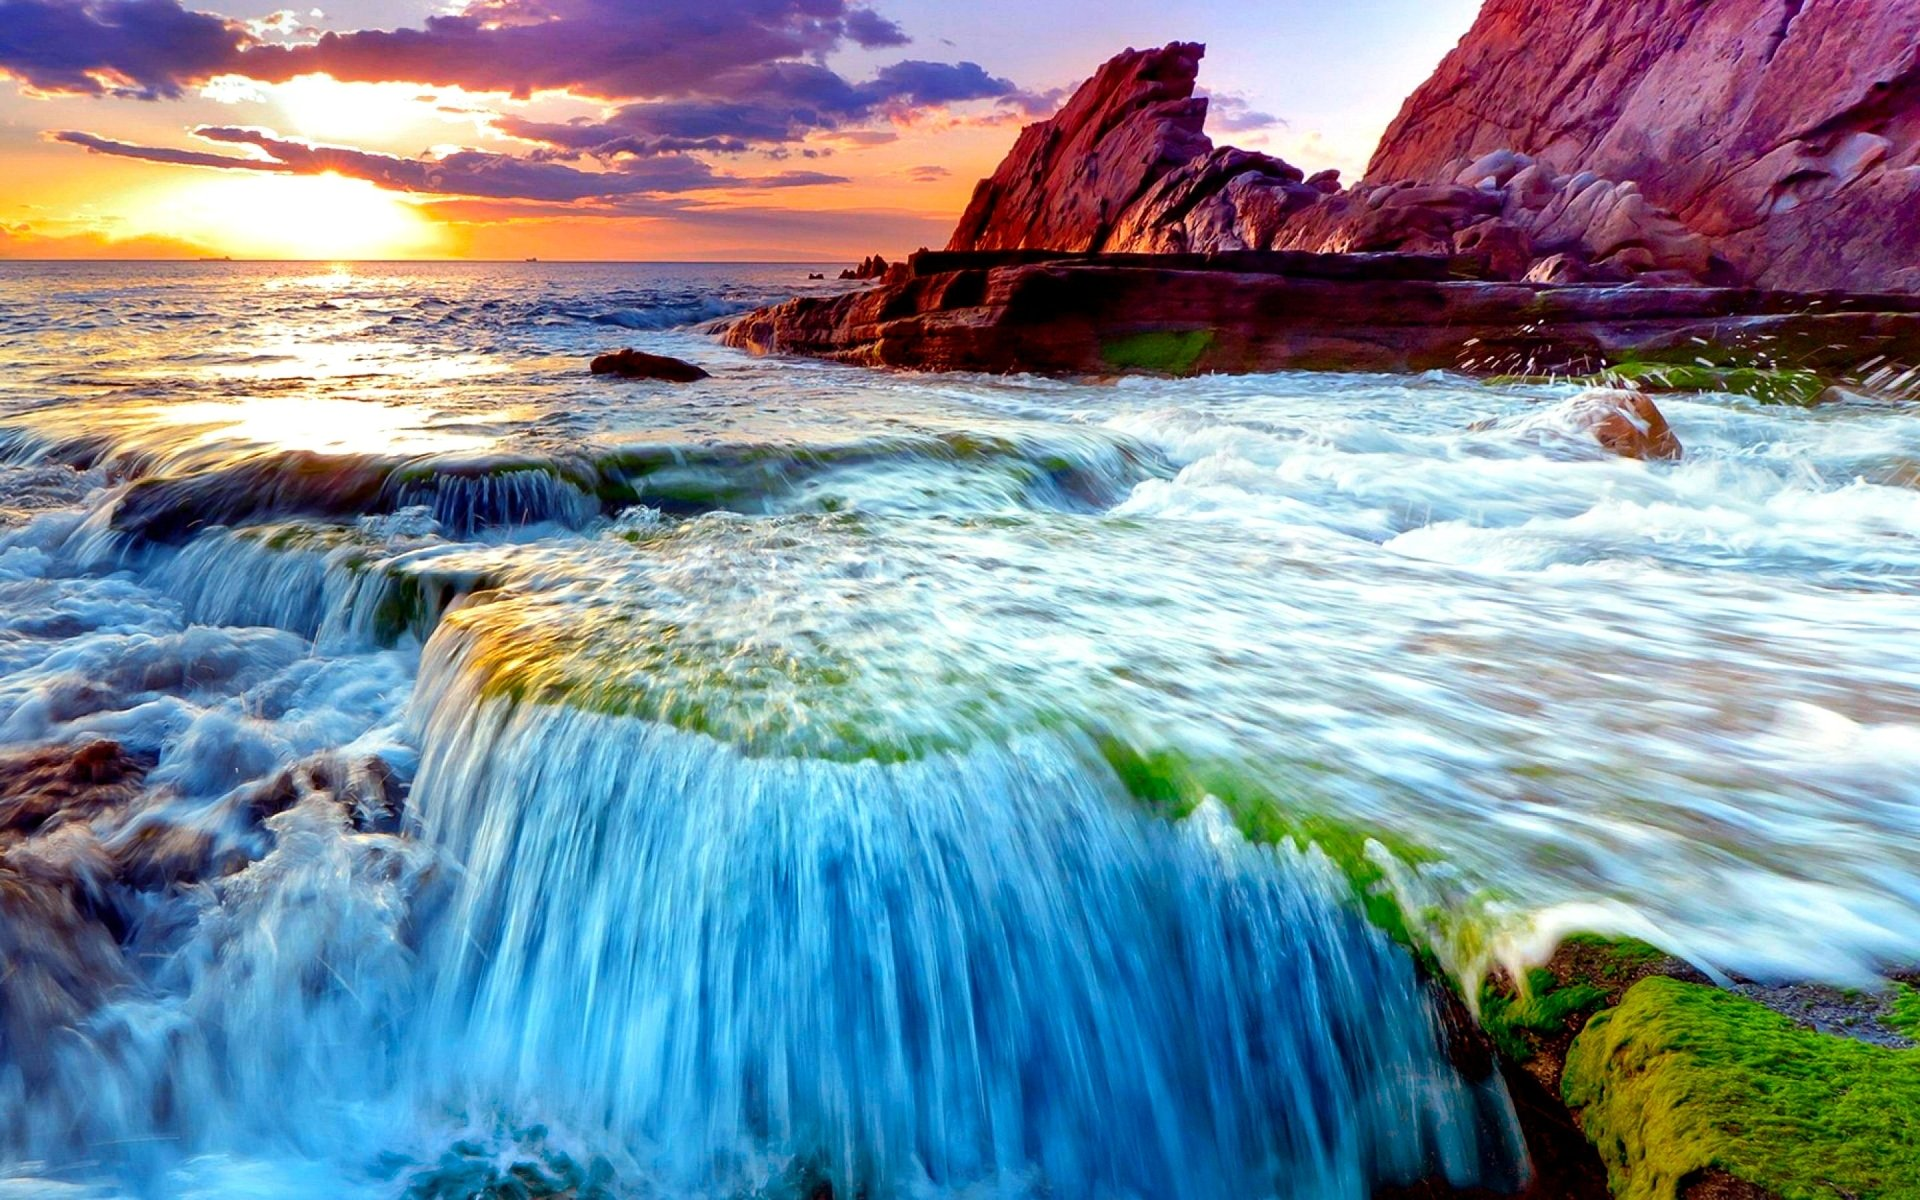 23 Eye Refreshing Waterfall Desktop Wallpapers 2017 Yusrablog Com